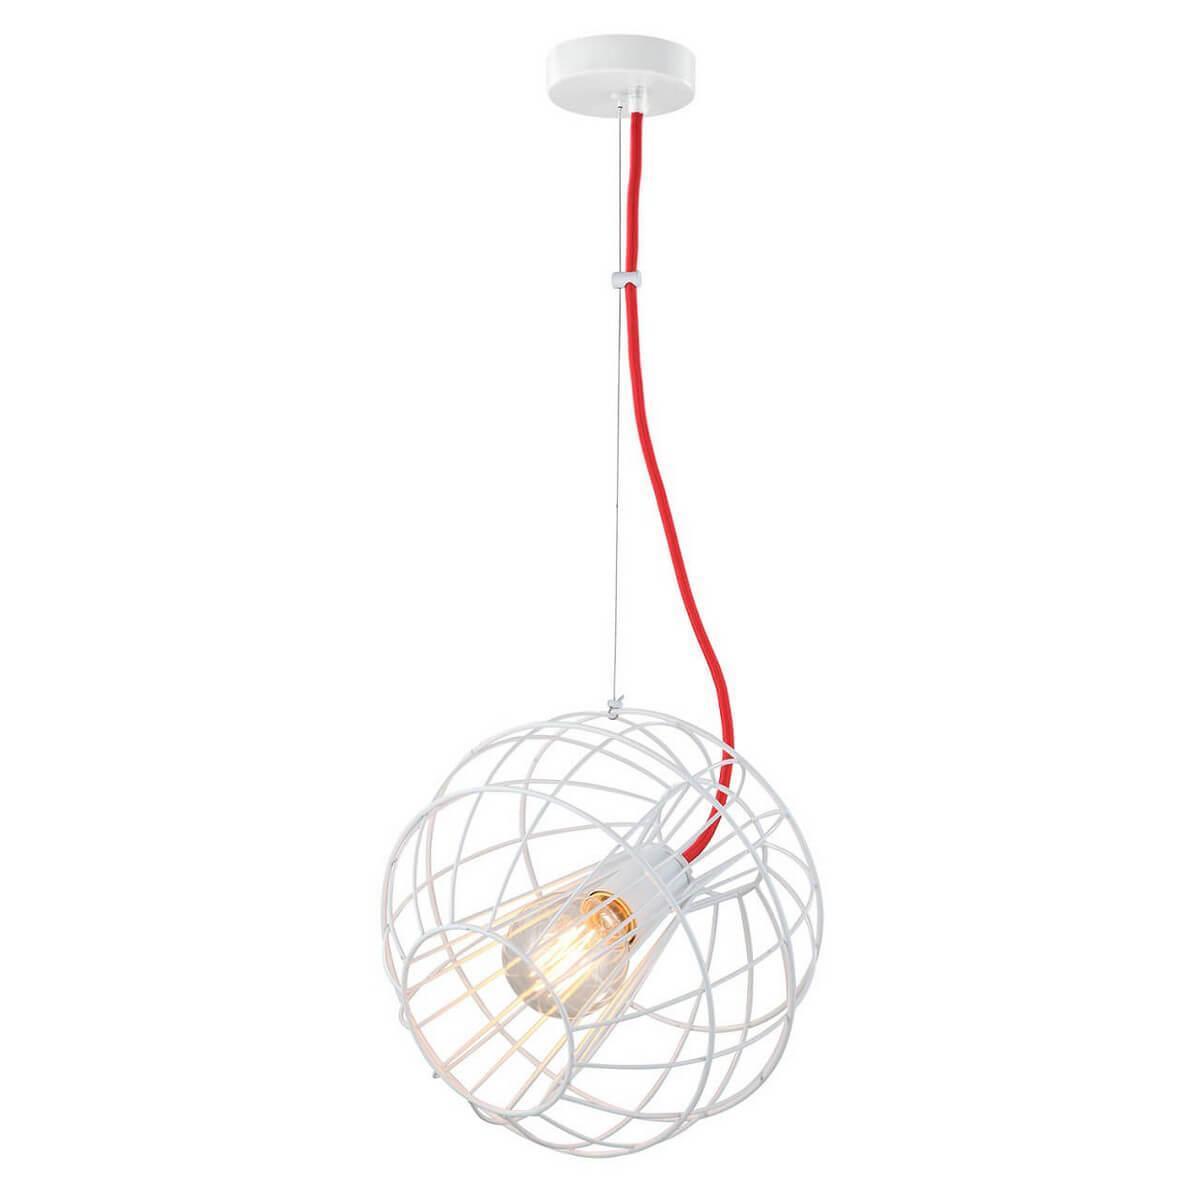 Подвесной светильник Lussole LSP-9932, E27, 60 Вт светильник lgo lsp 993 lsp 9932